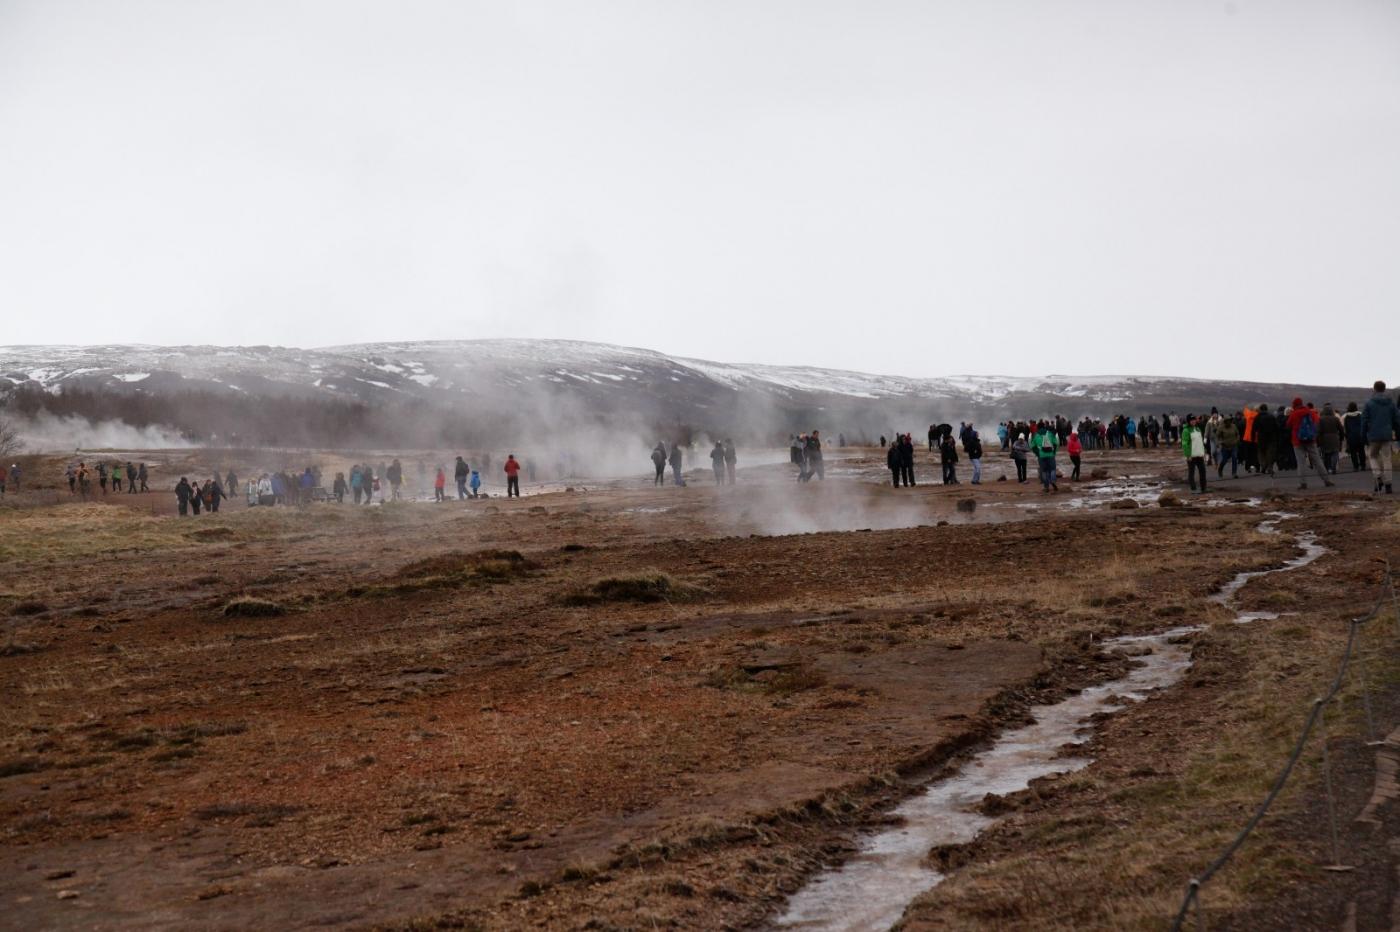 冰岛热带温泉美景,游客流连忘返_图1-15